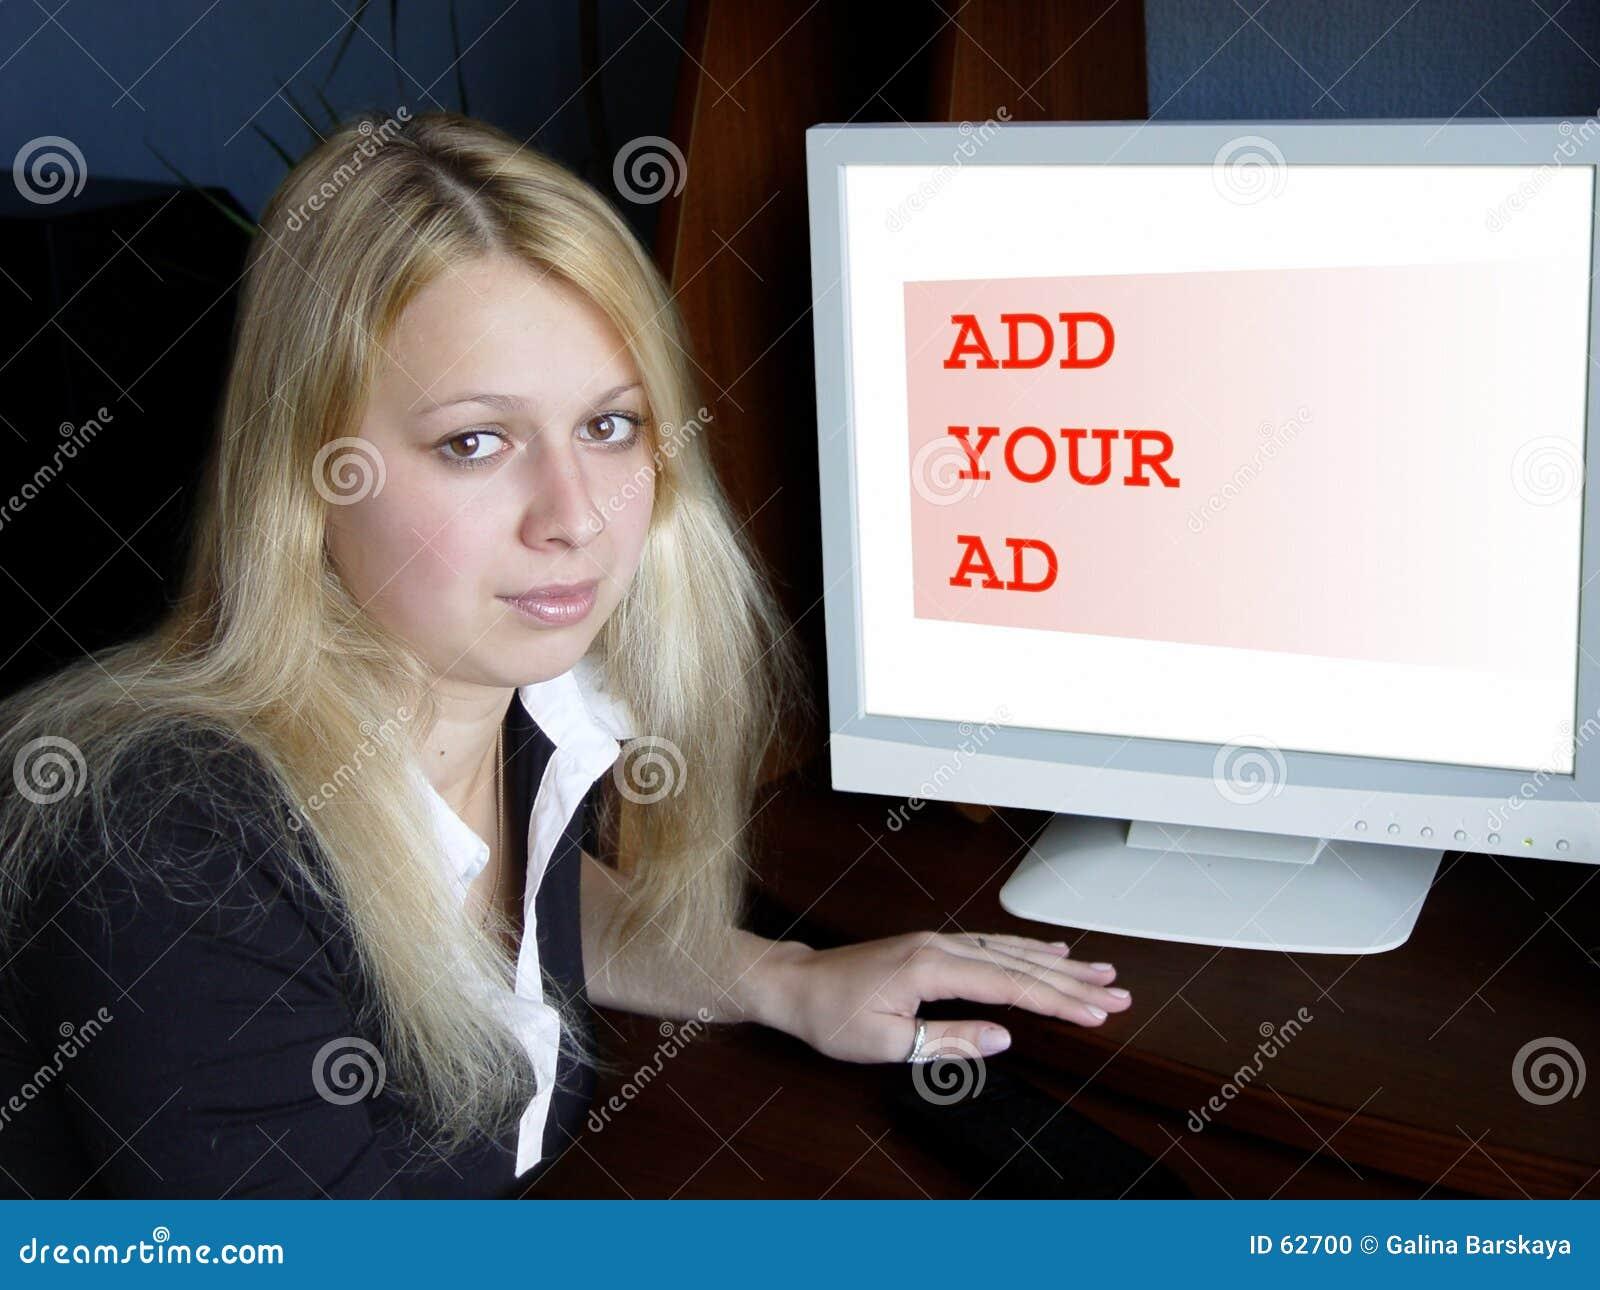 Adicione seu anúncio